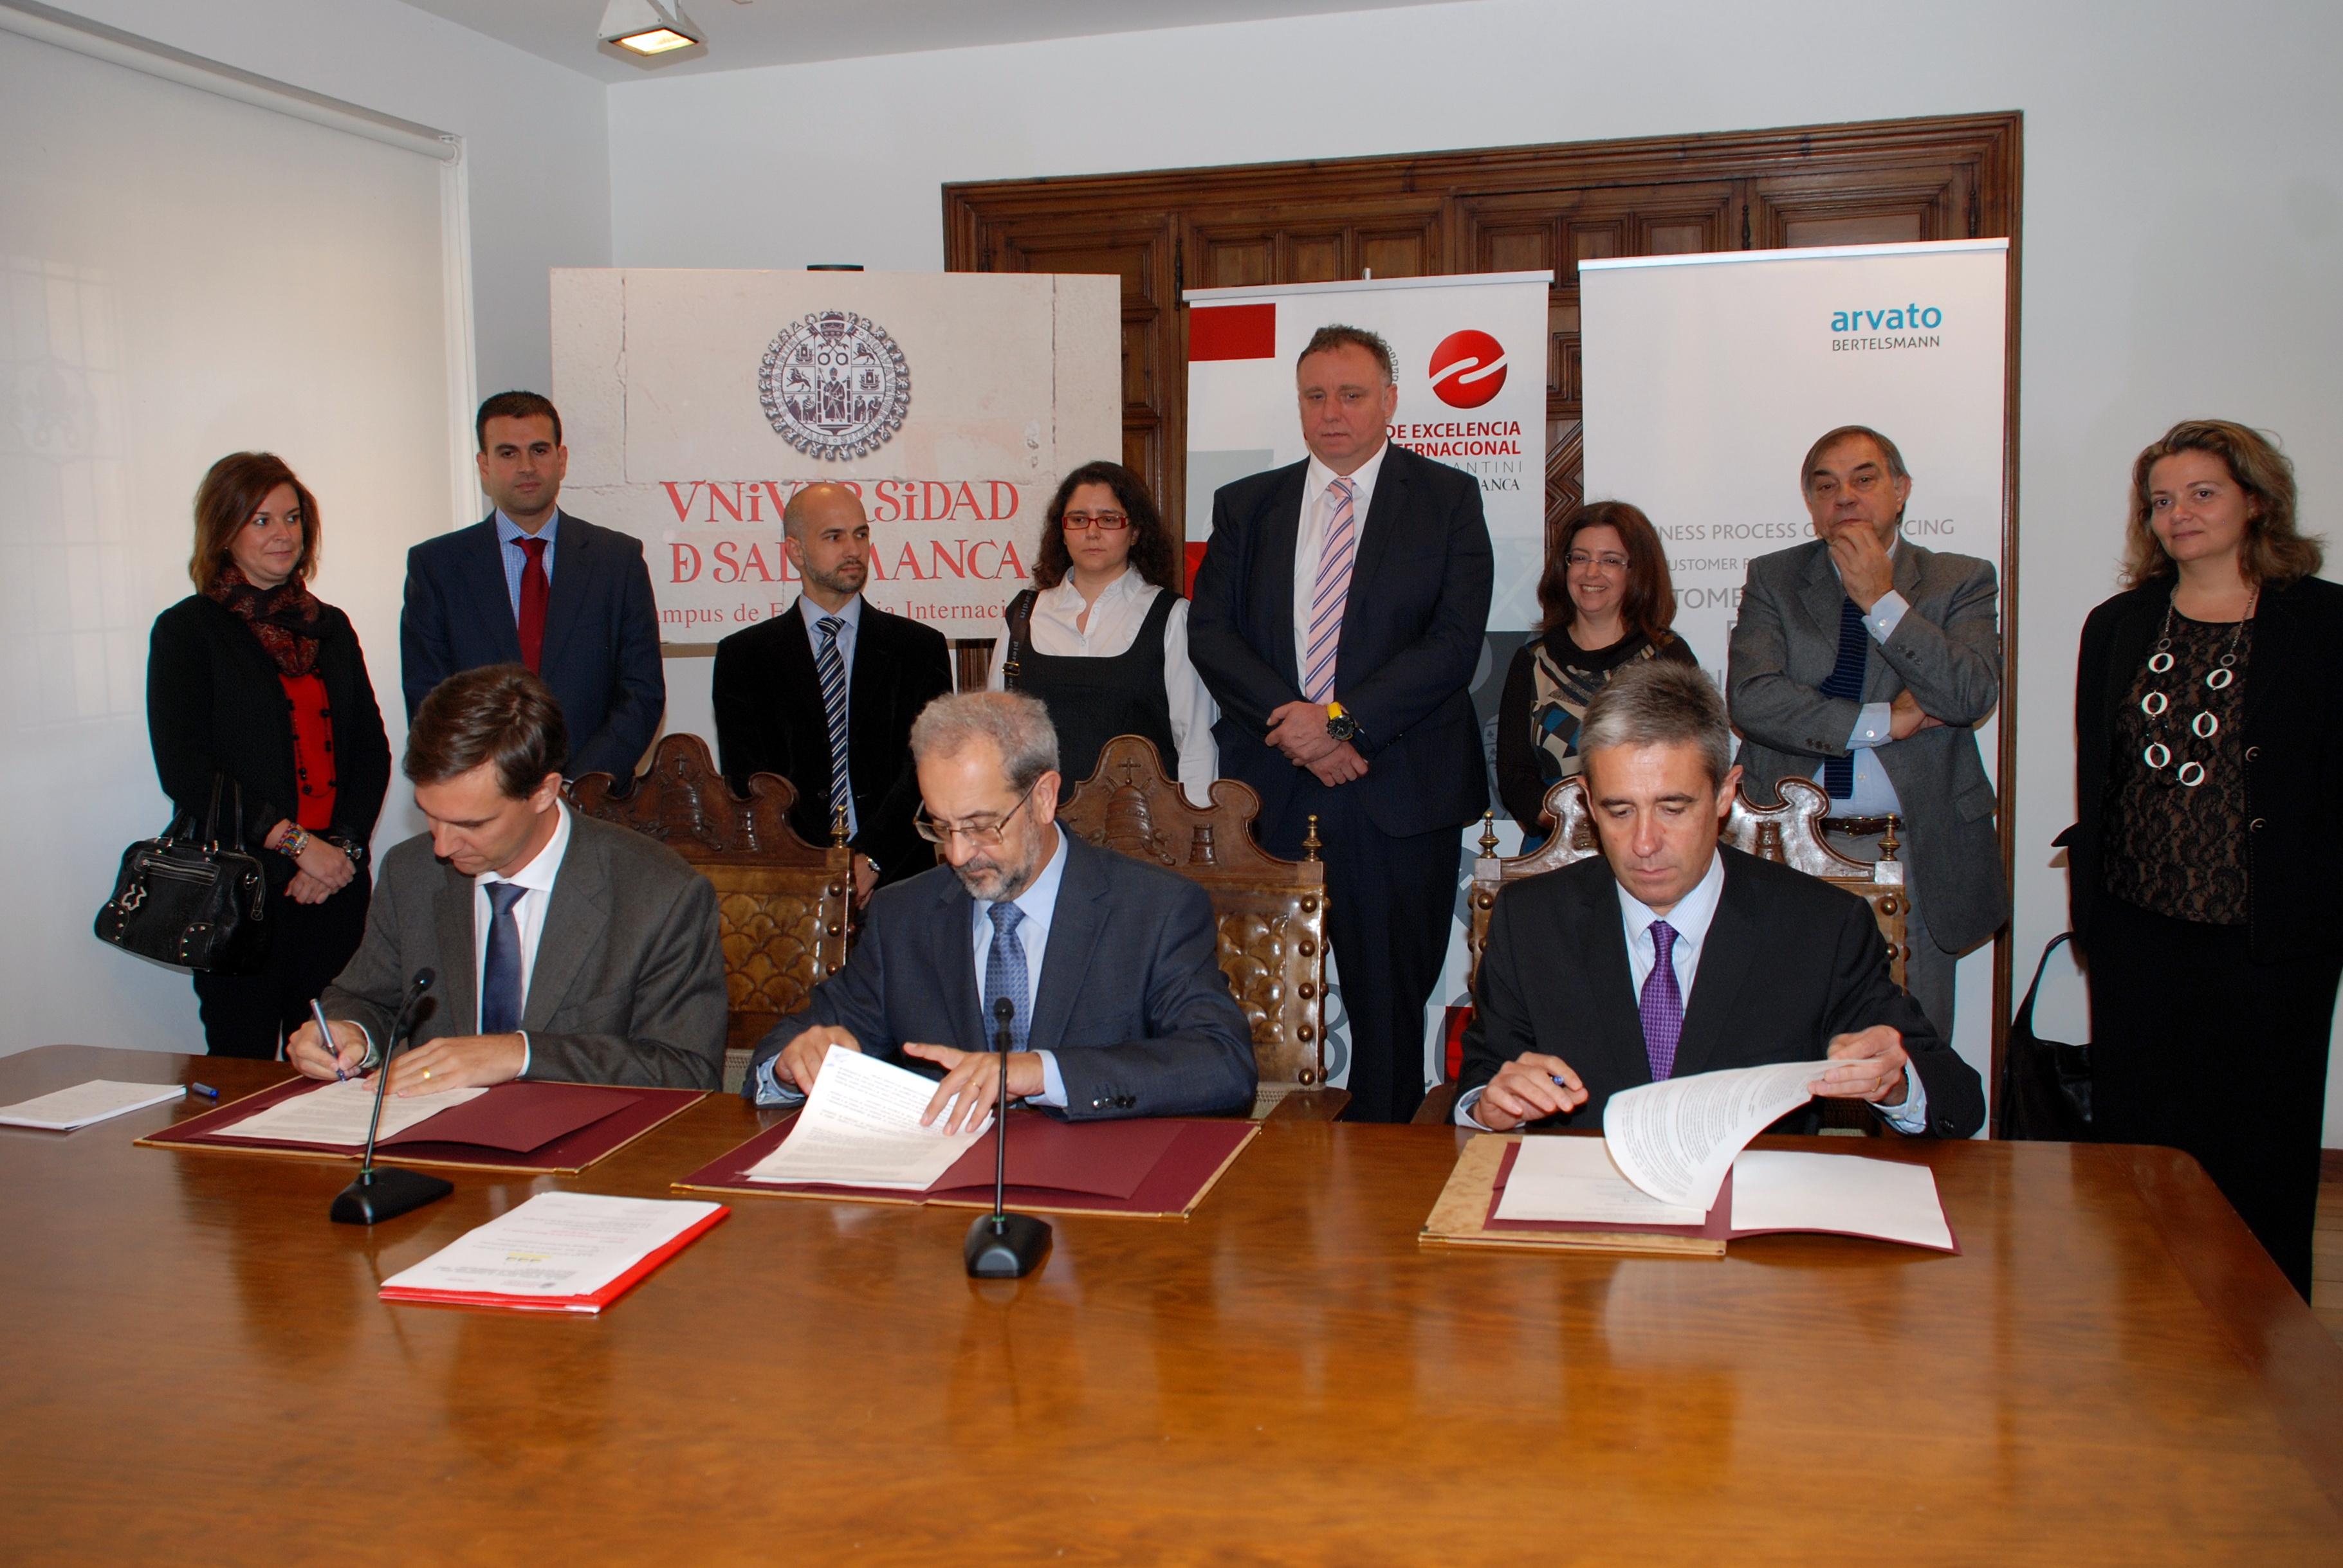 Las universidades de Salamanca y Santo Tomás de Bucaramanga de Colombia y la empresa Arvato crean un programa de intercambio académico y de prácticas laborales